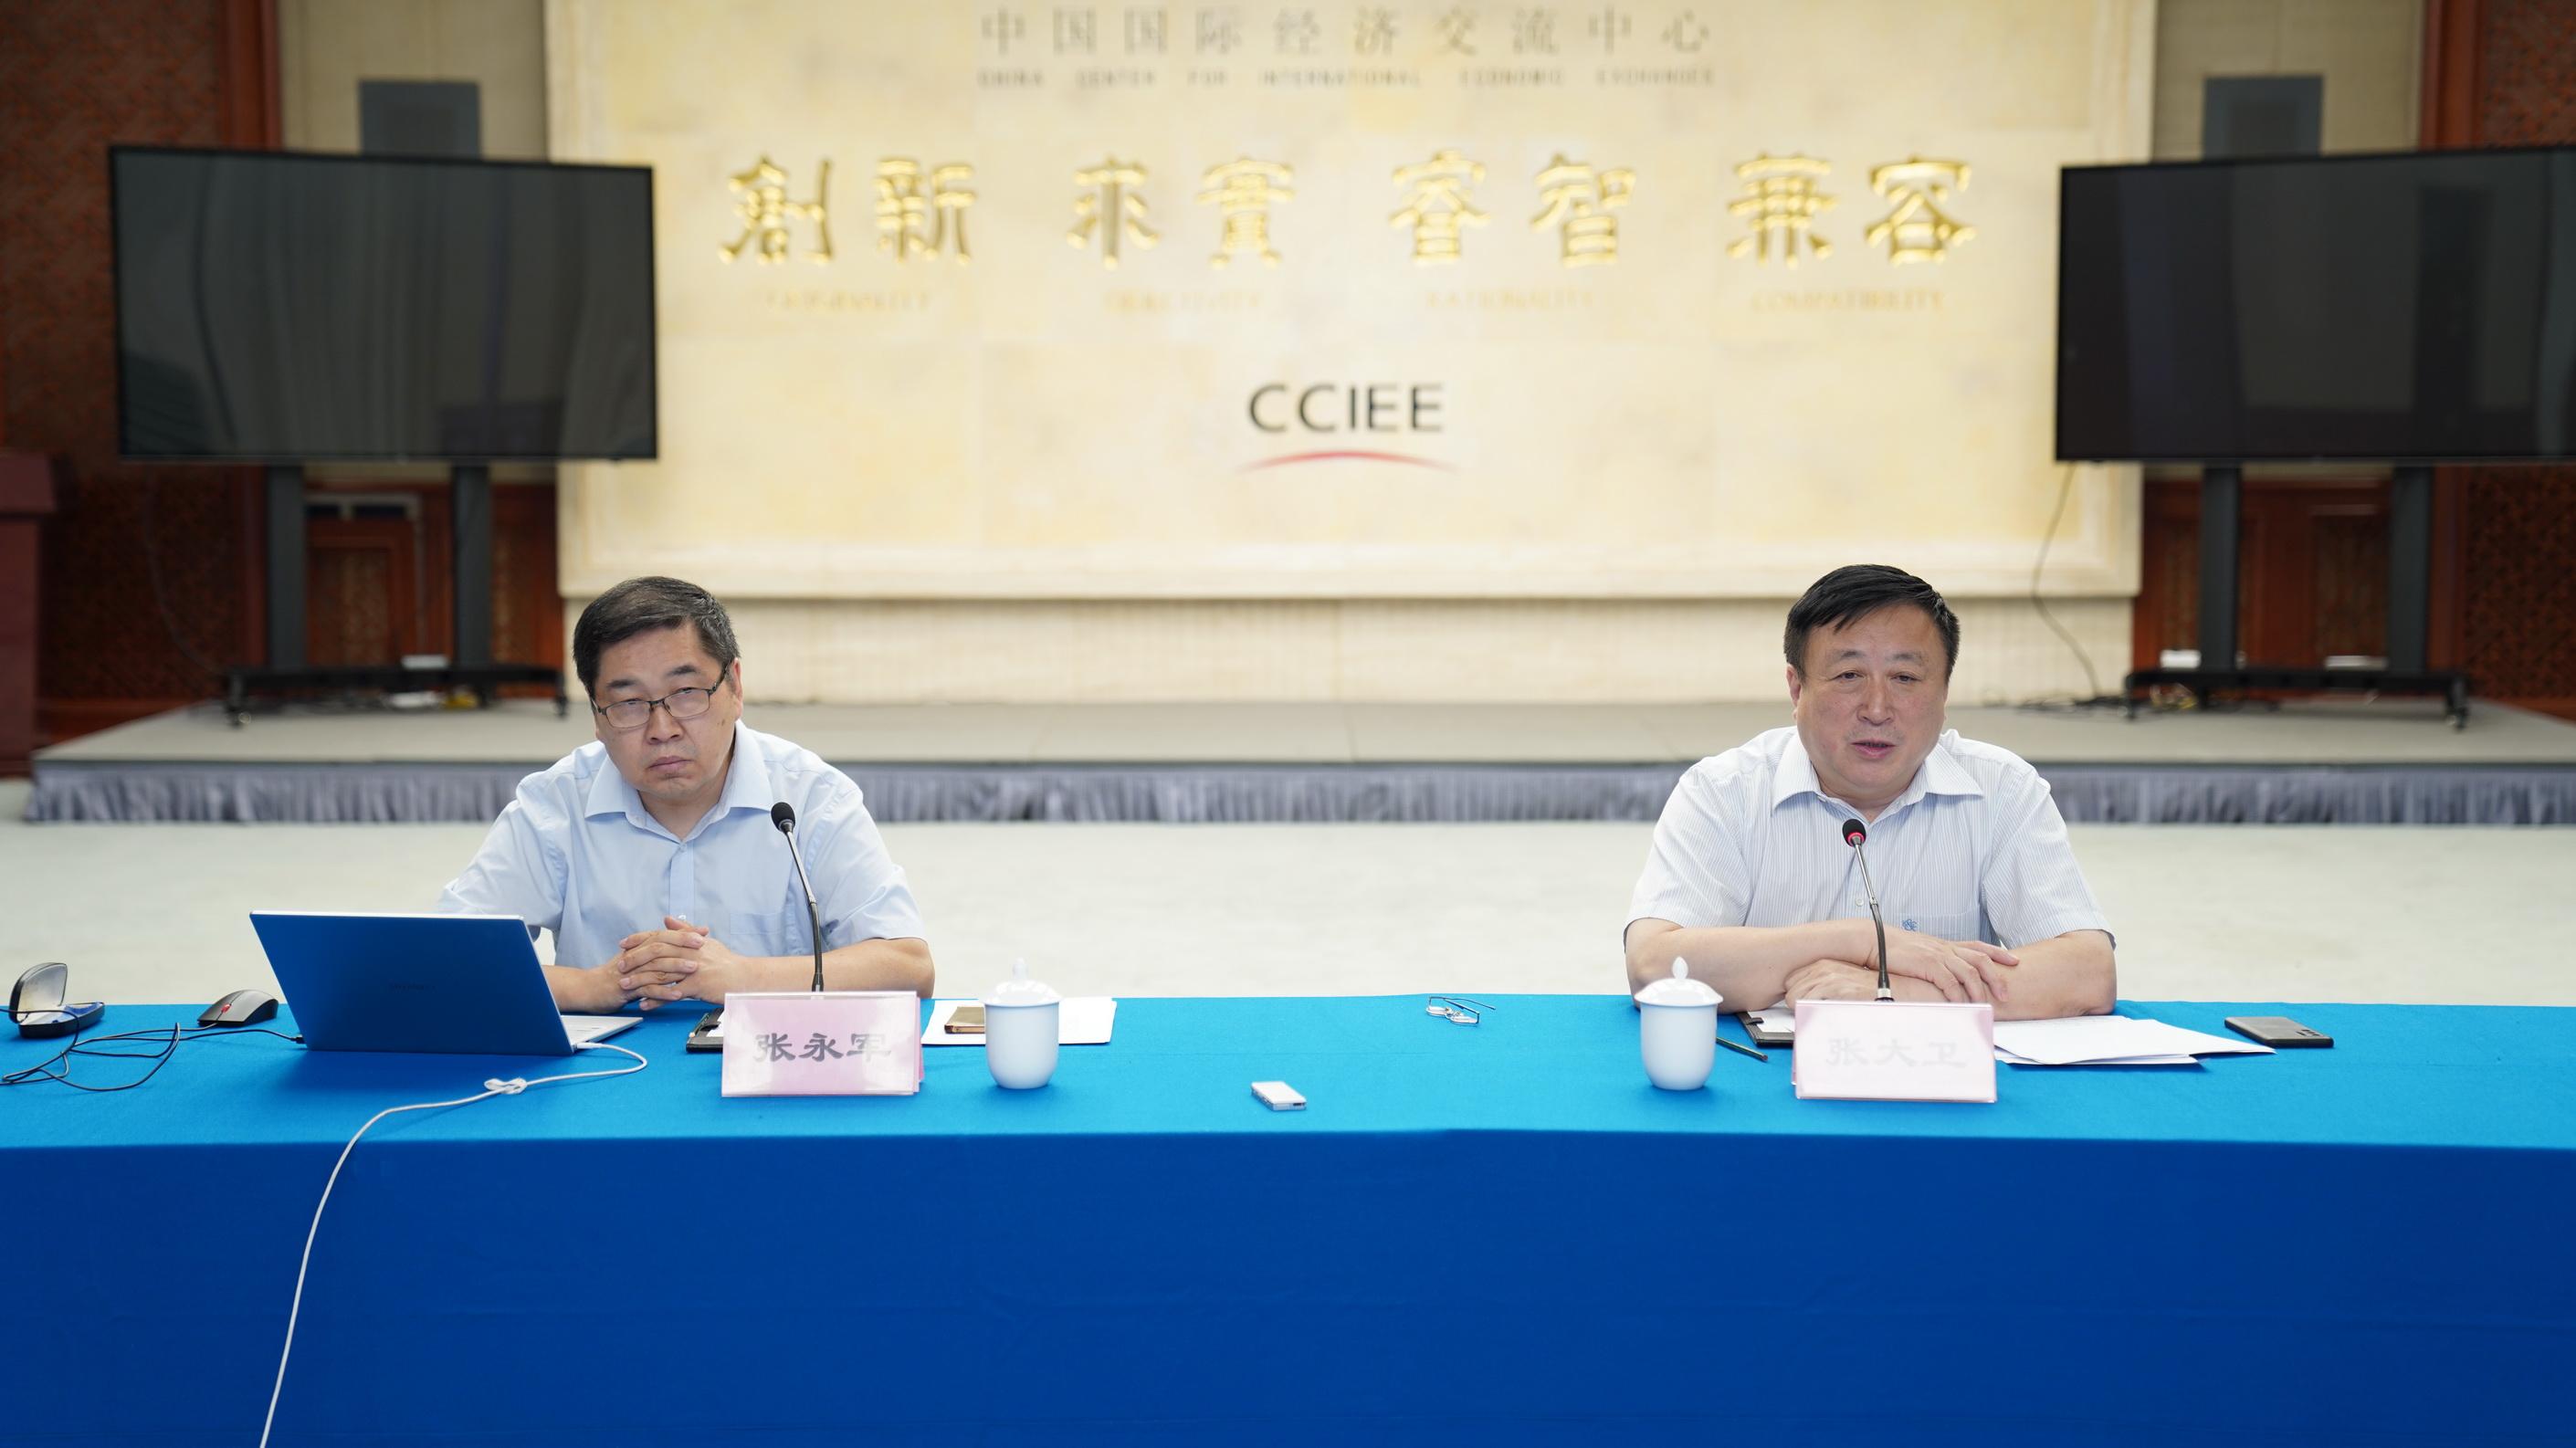 推进中国物流企业走向国际、领军未来